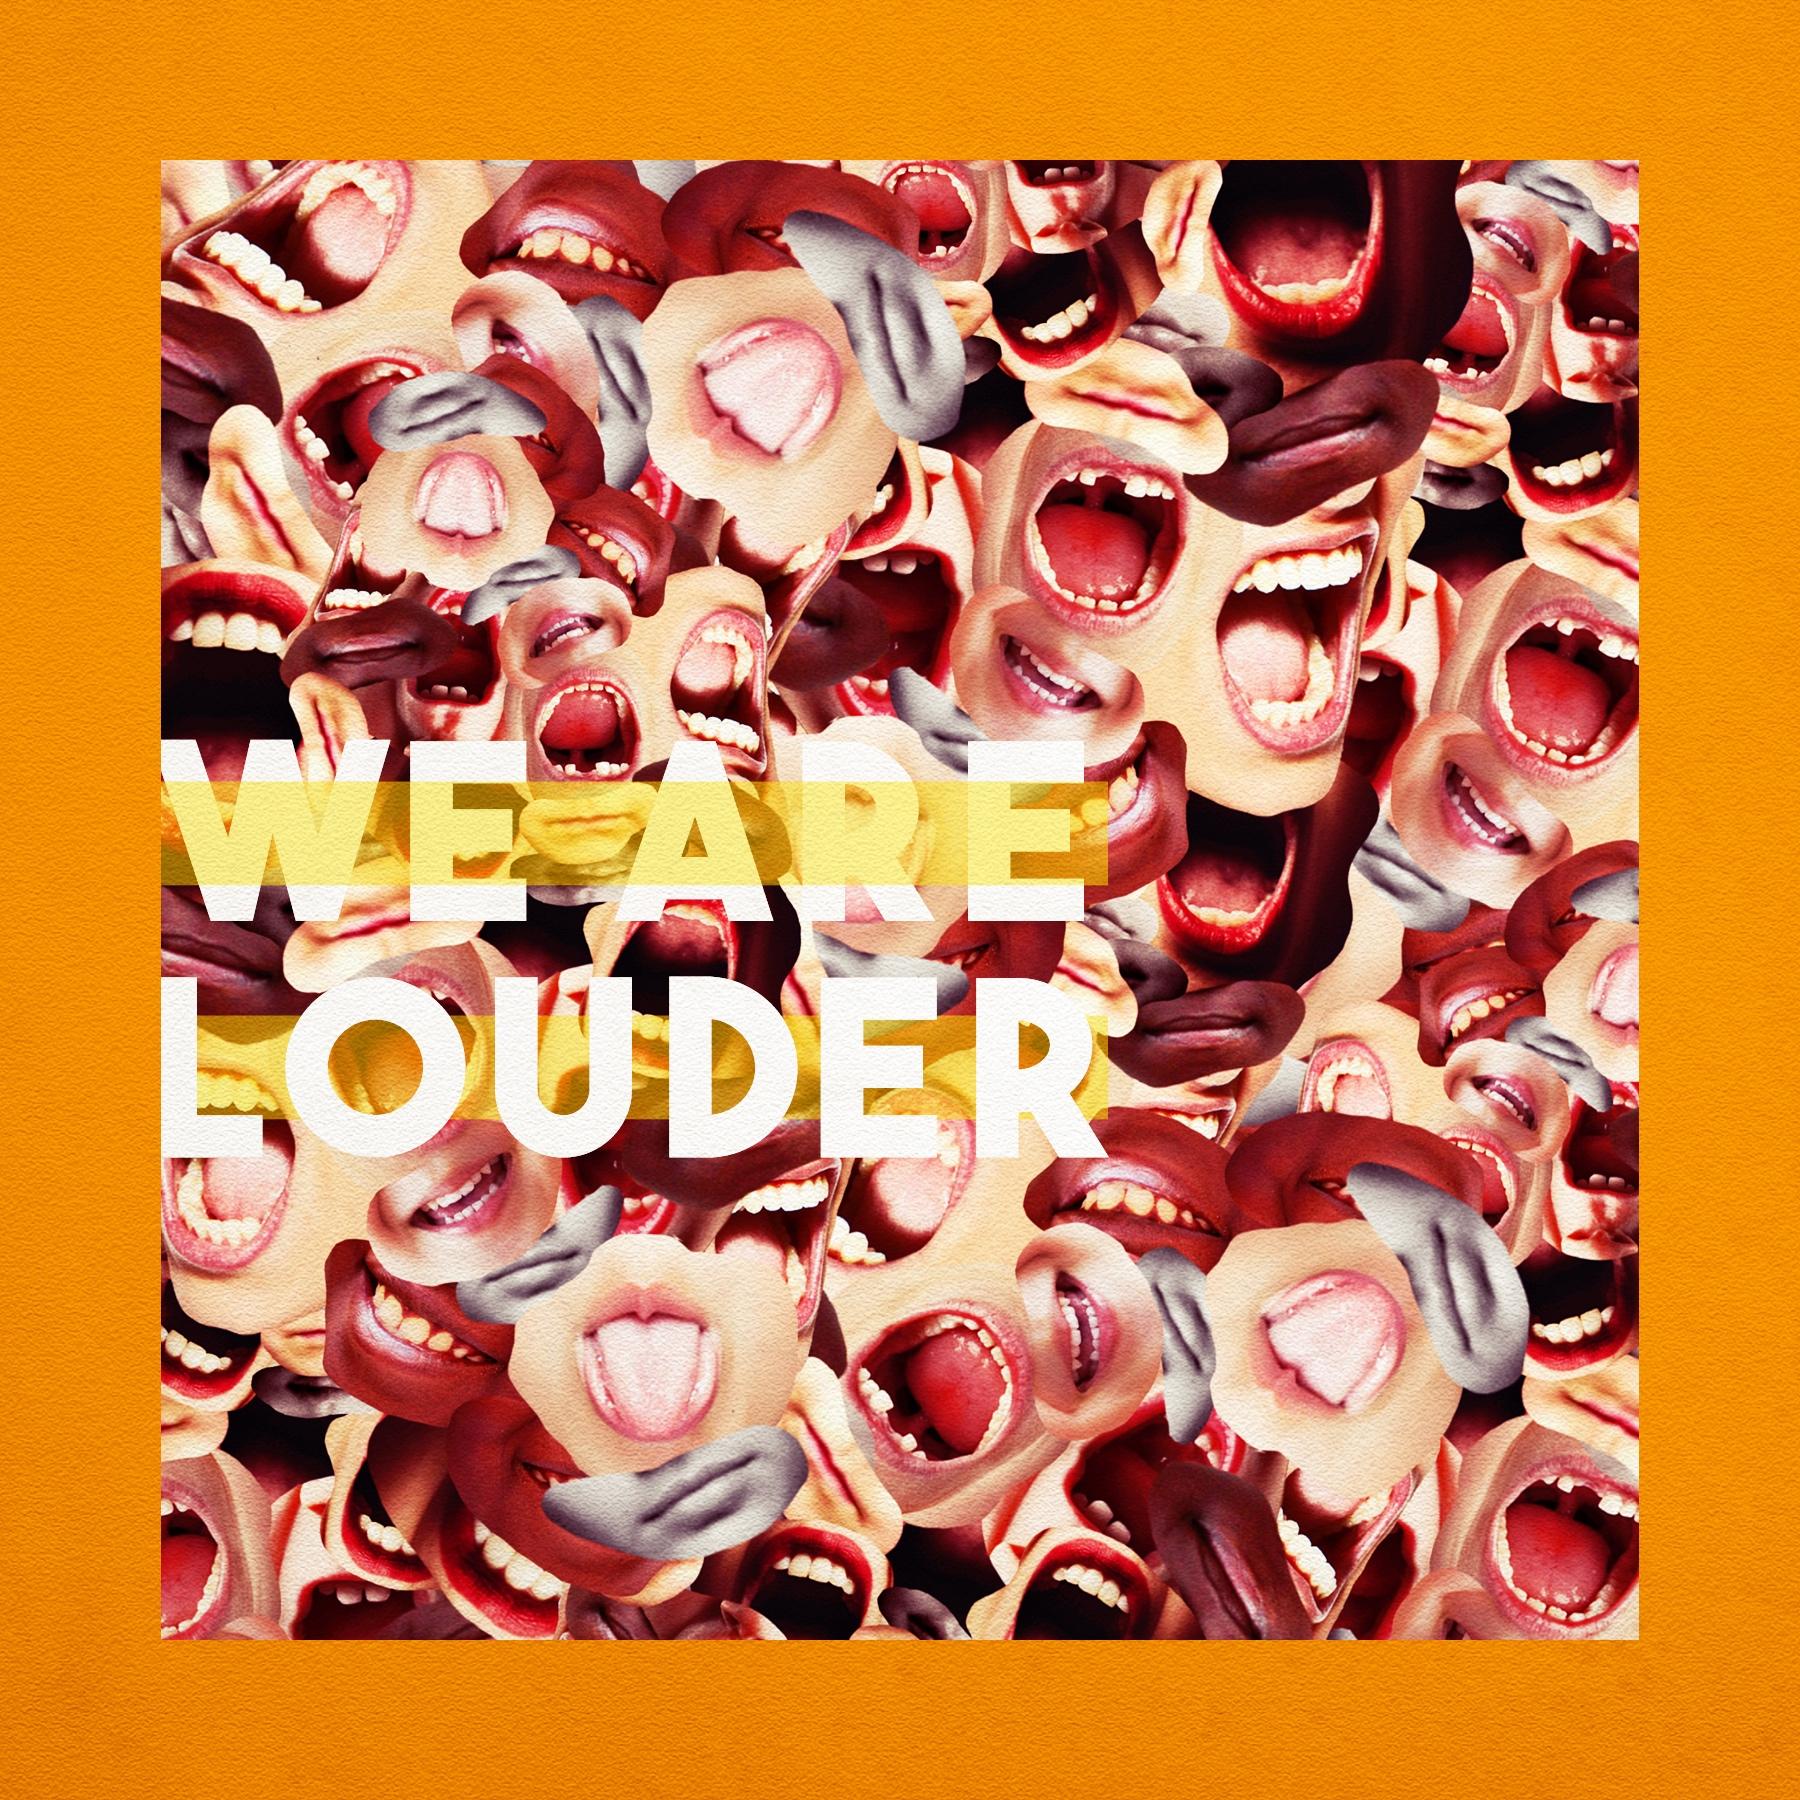 WeAreLouder_DreamCatcher.jpg